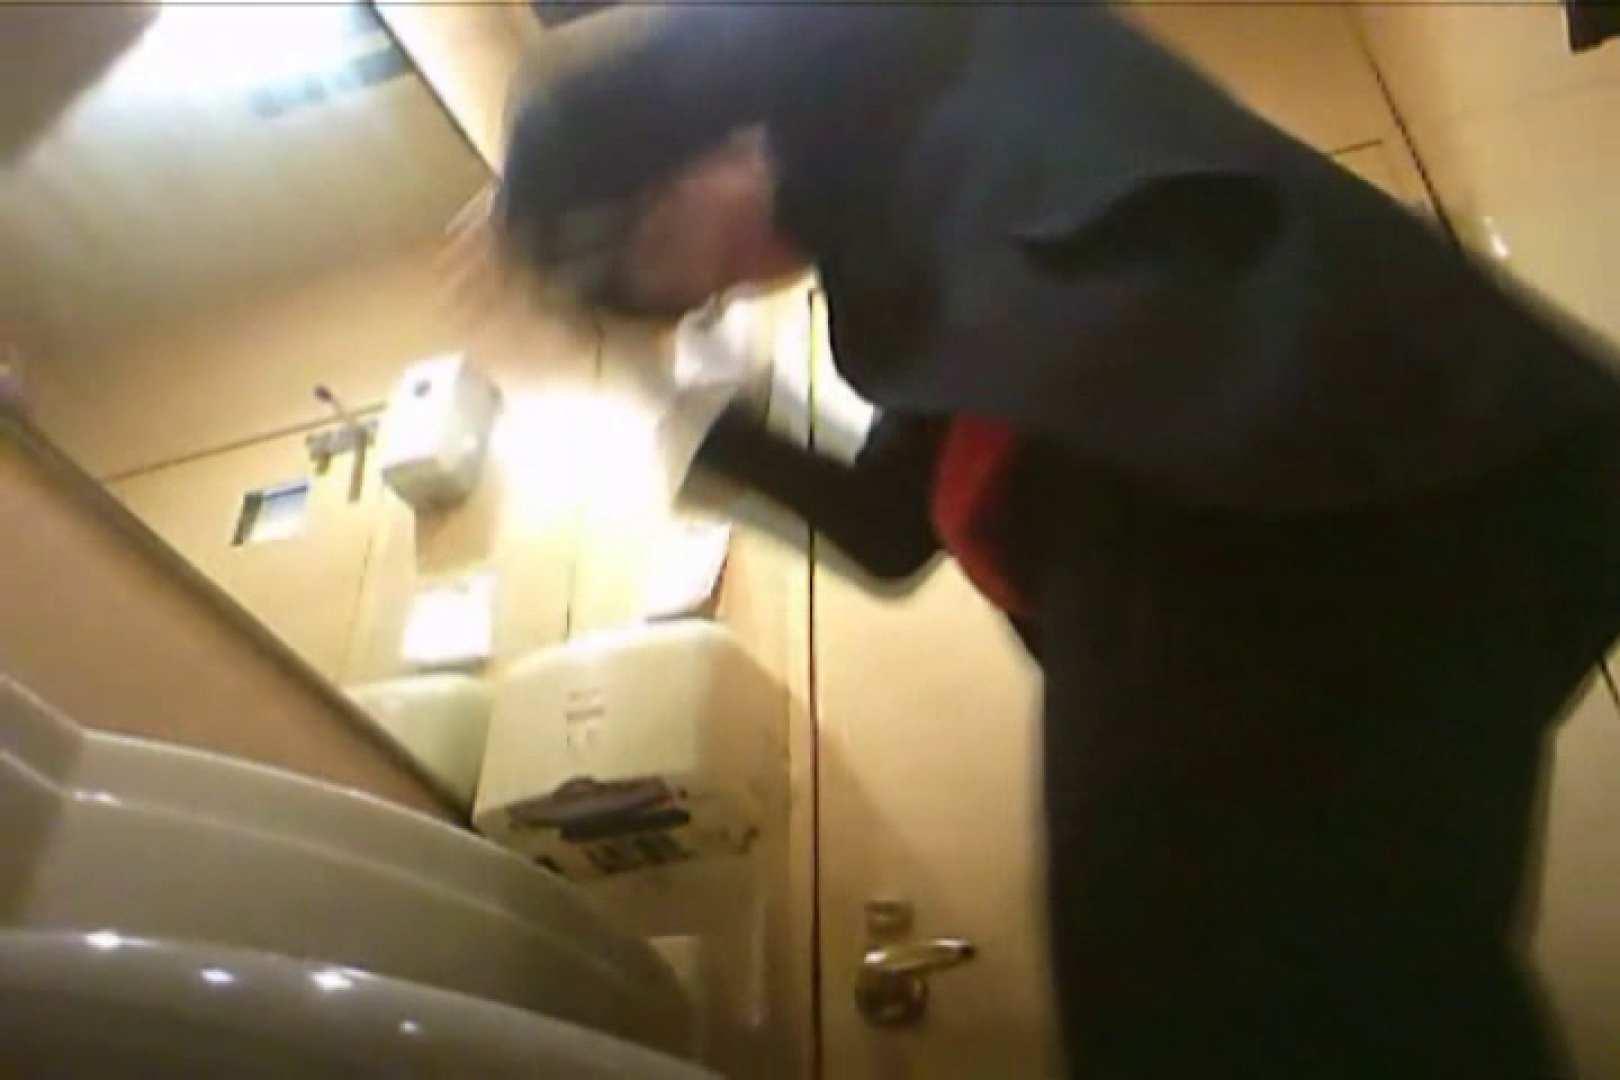 SEASON 2ND!掴み取りさんの洗面所覗き!in新幹線!VOL.21 ボーイズ私服 | 完全無修正でお届け  110pic 90